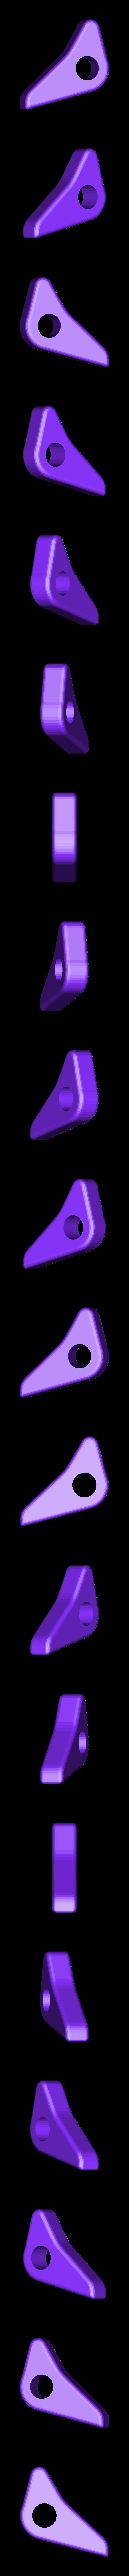 Latch_v2.stl Télécharger fichier STL gratuit Boucle Cobra (35mm) • Design pour impression 3D, SiberK